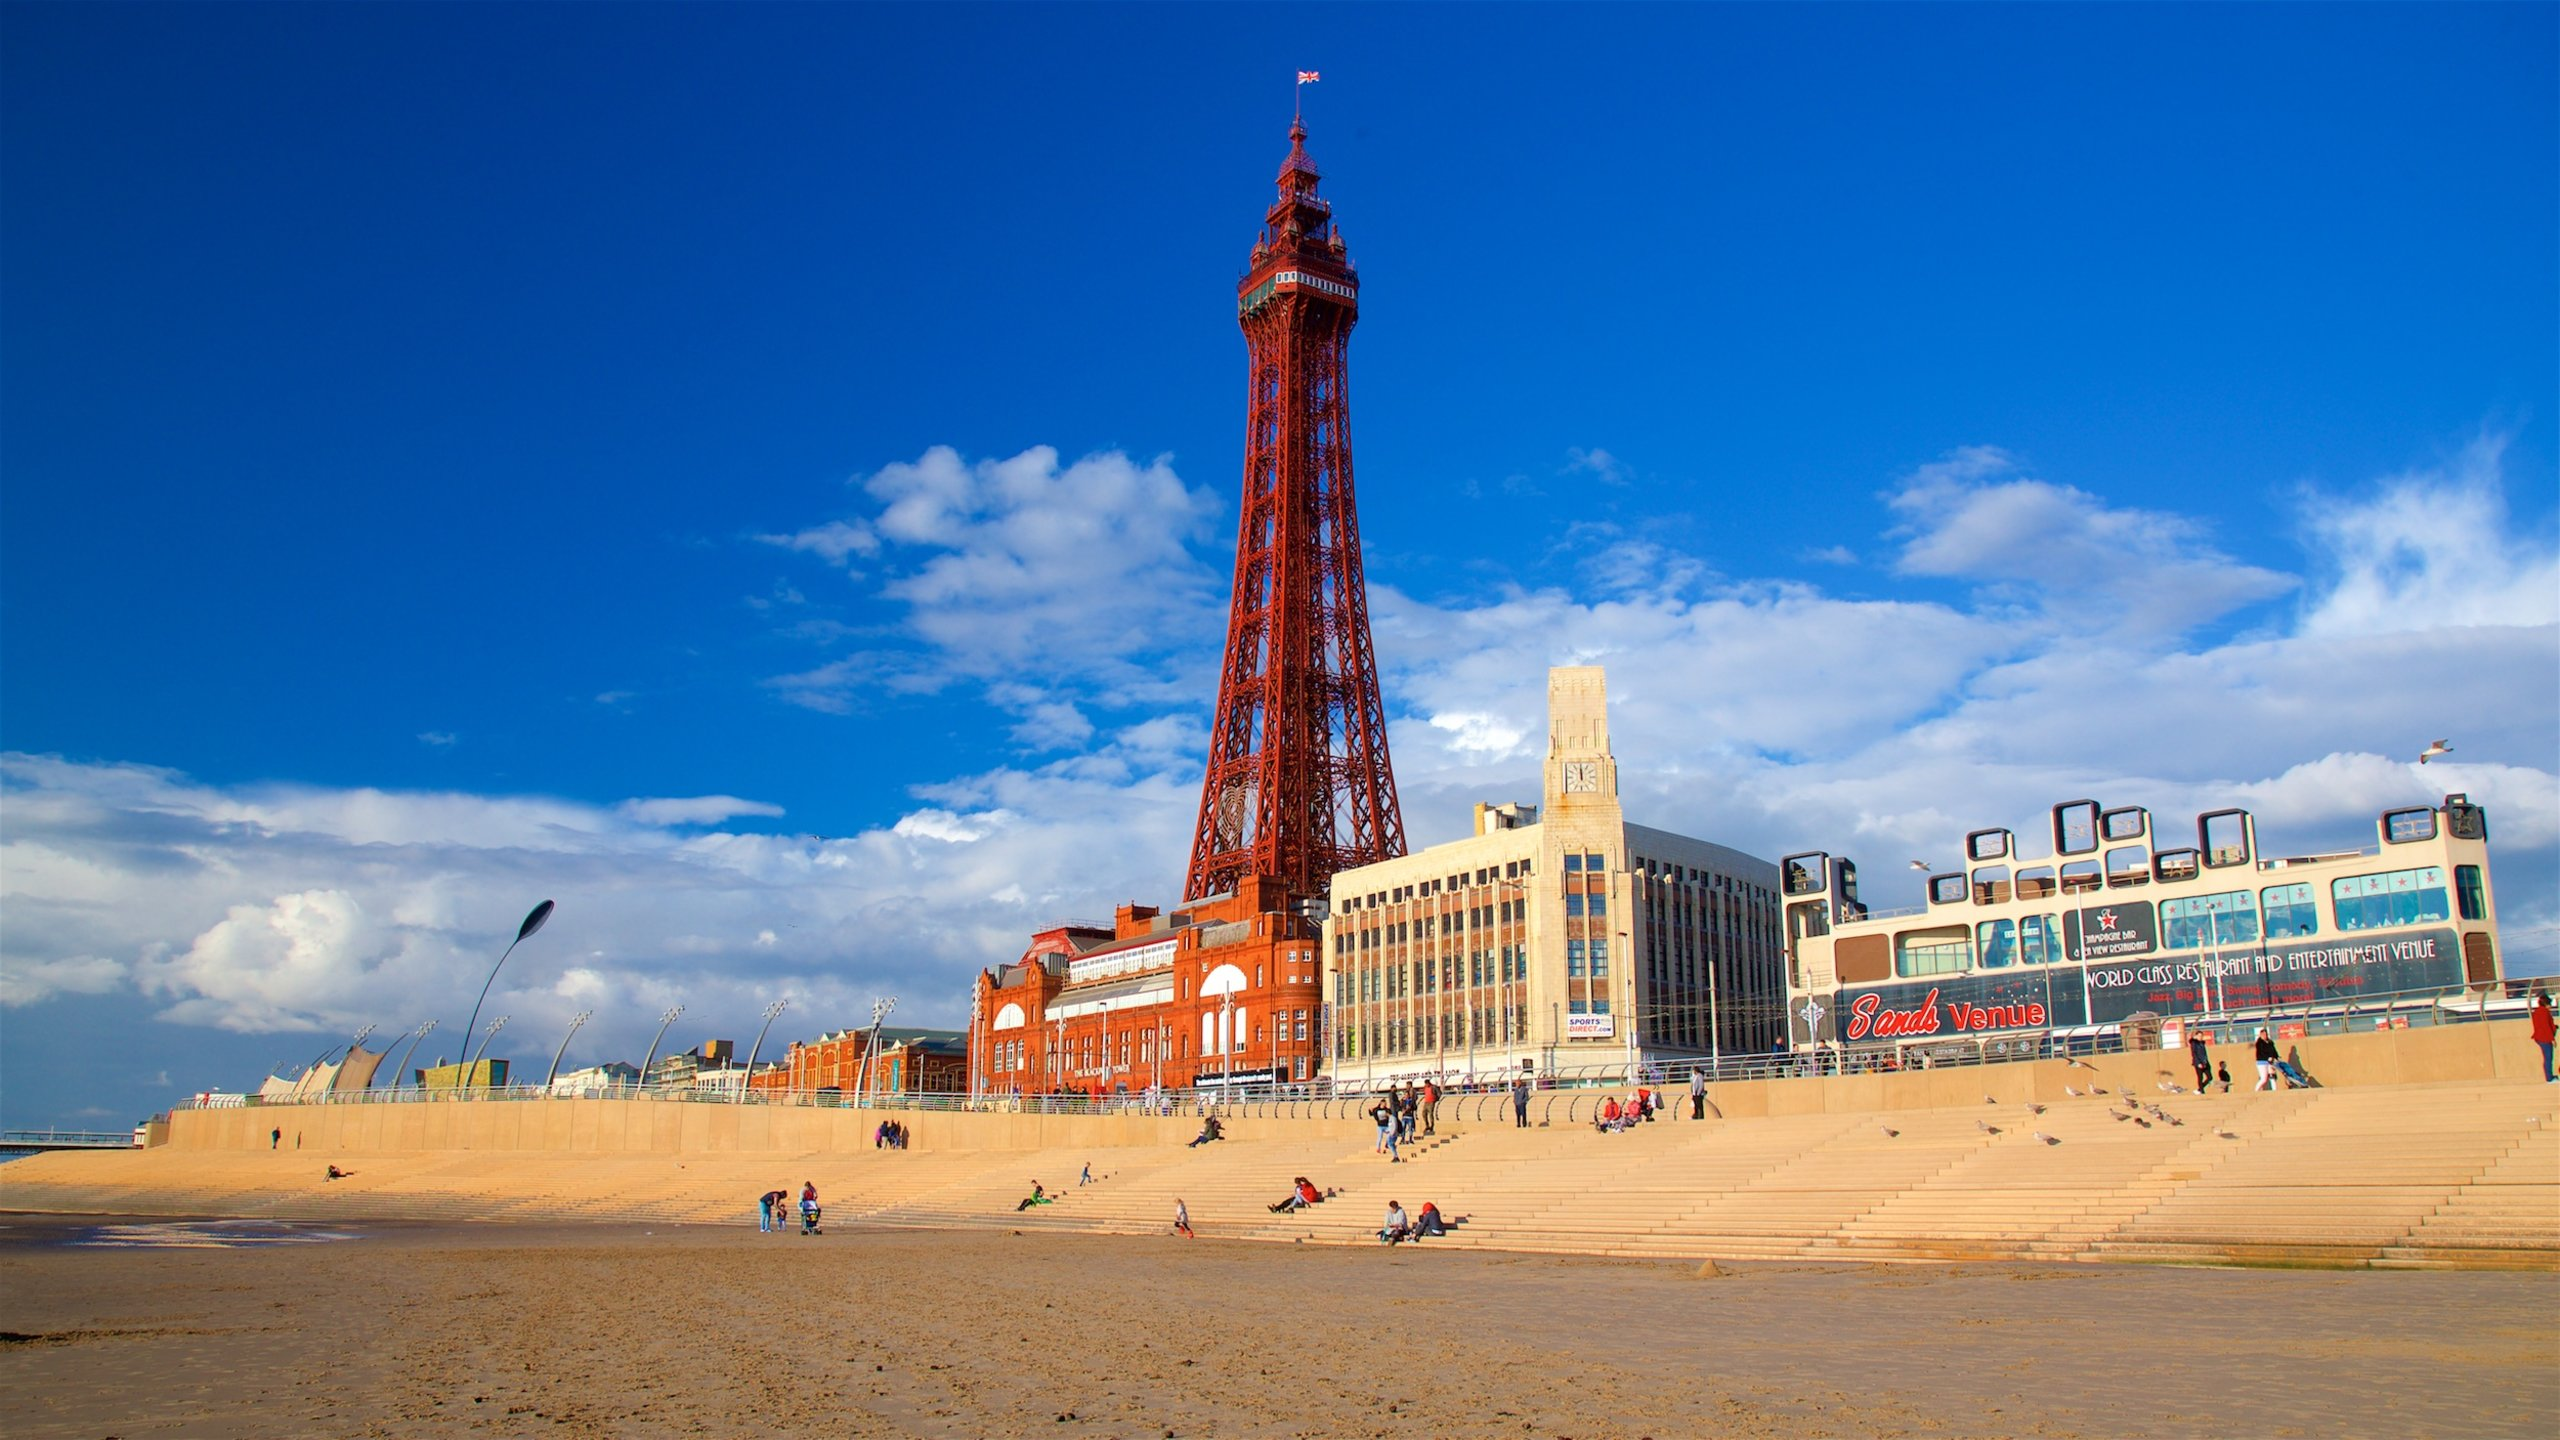 Blackpool, England, United Kingdom